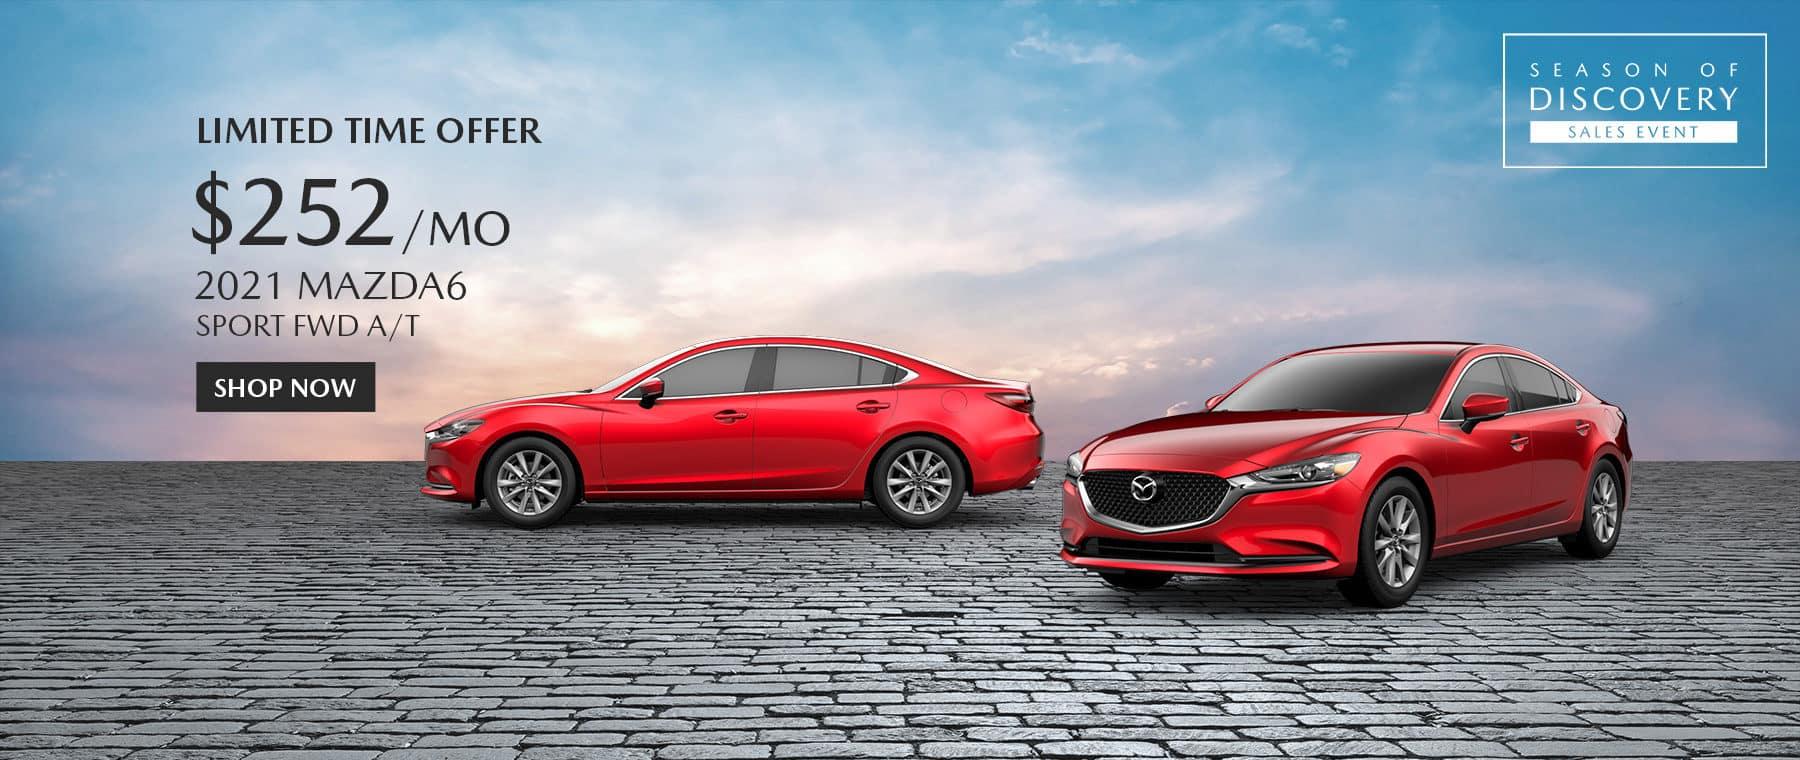 2021 Mazda 6 Special